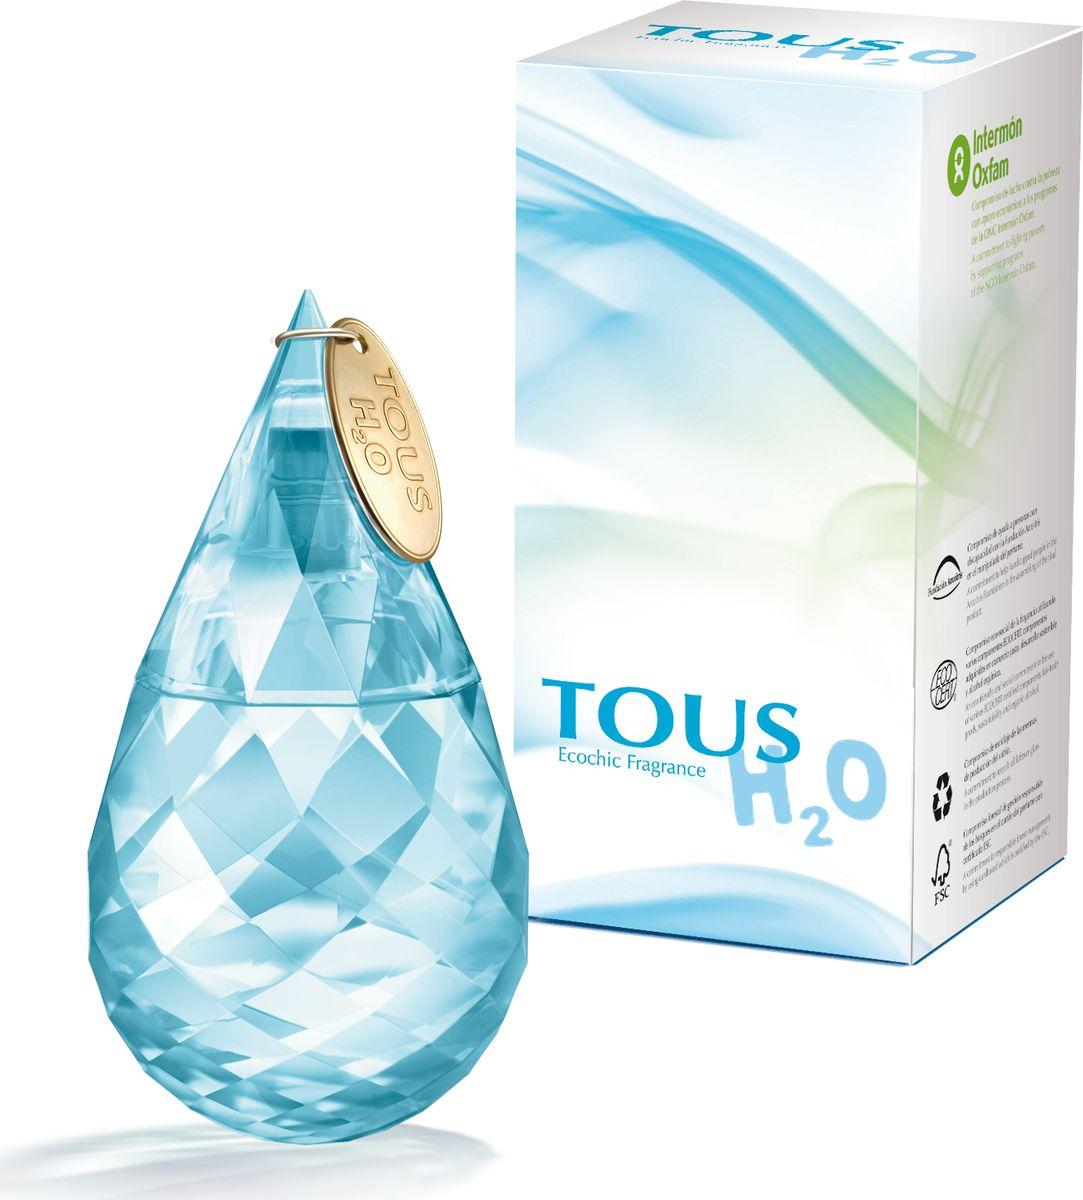 Tous H20 Туалетная вода 30 мл771041Парфюмерная композиция Tous H2O как будто вобрала в себя свежесть прохладного ручья и аромат цветущего сада, на лепестках роз которого капли росы поутру напоминают бриллианты.